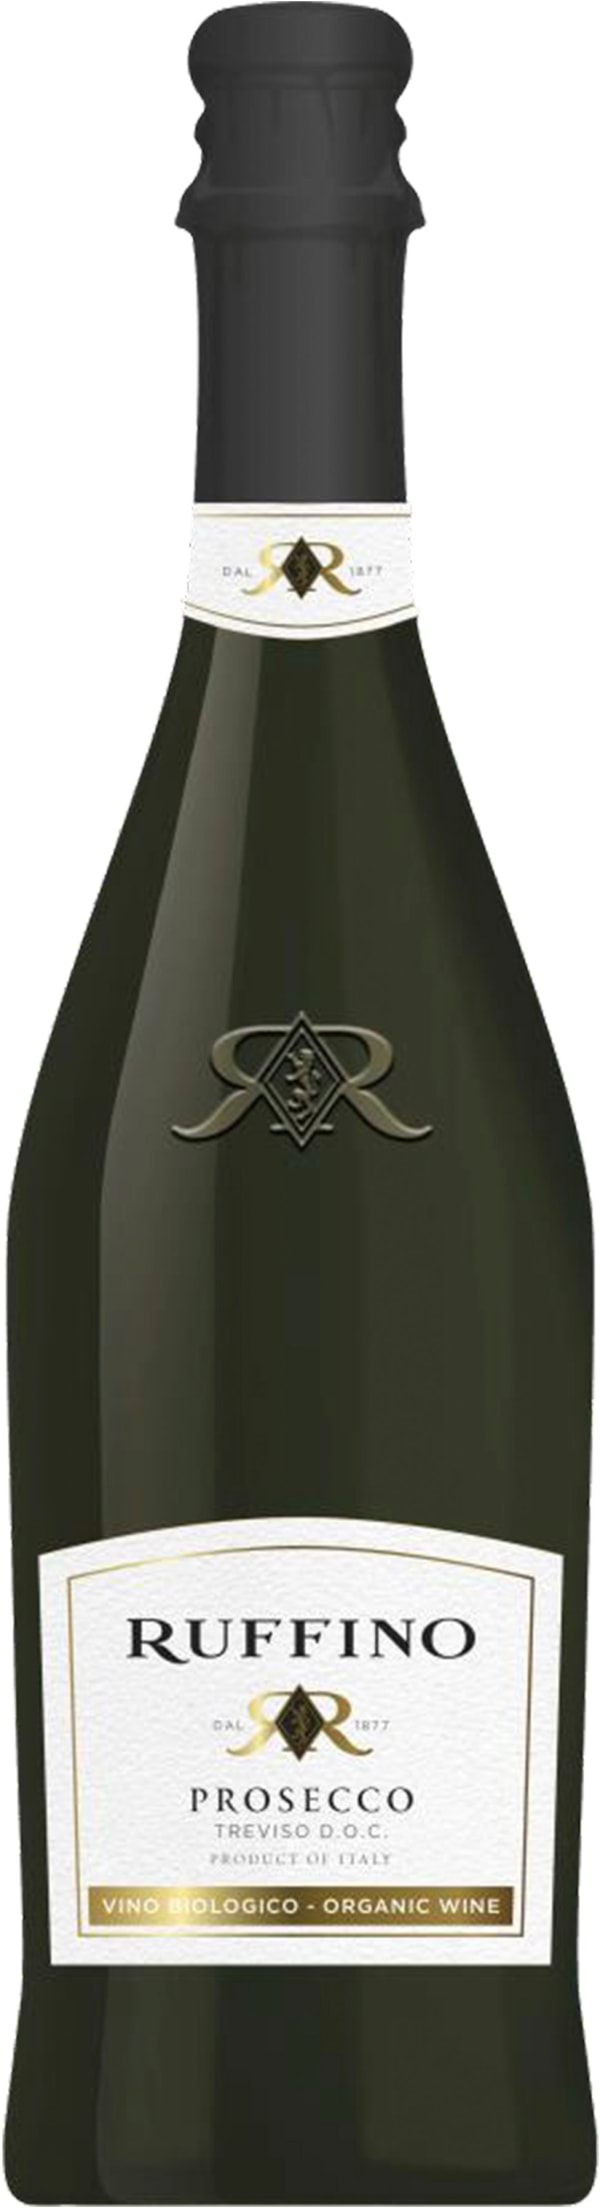 Ruffino Prosecco Organic Dry